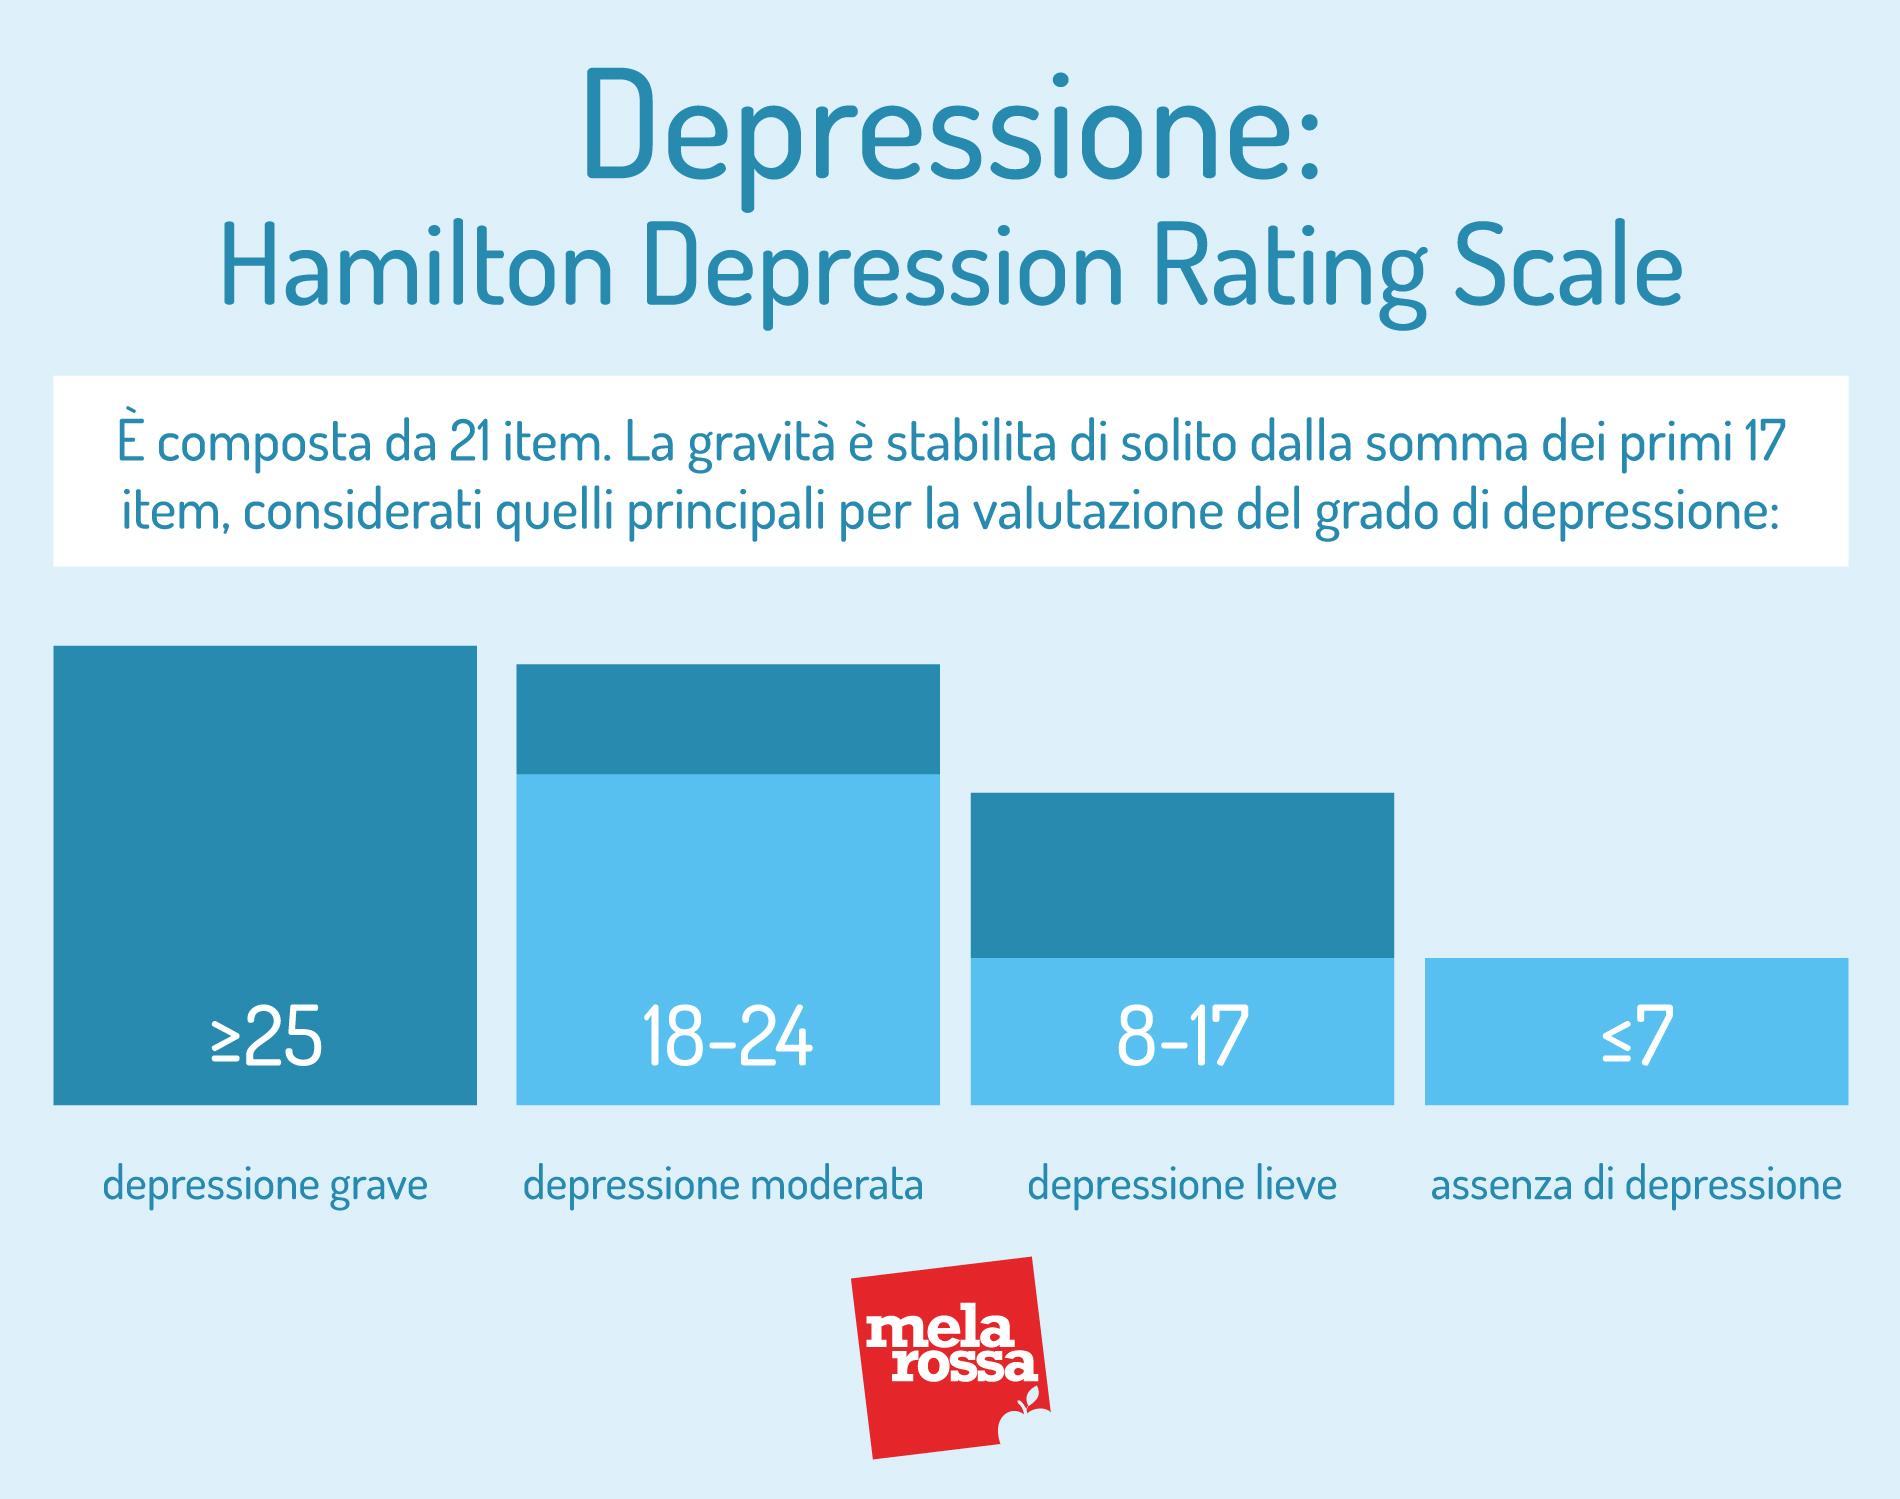 depressione: scala Hamilton